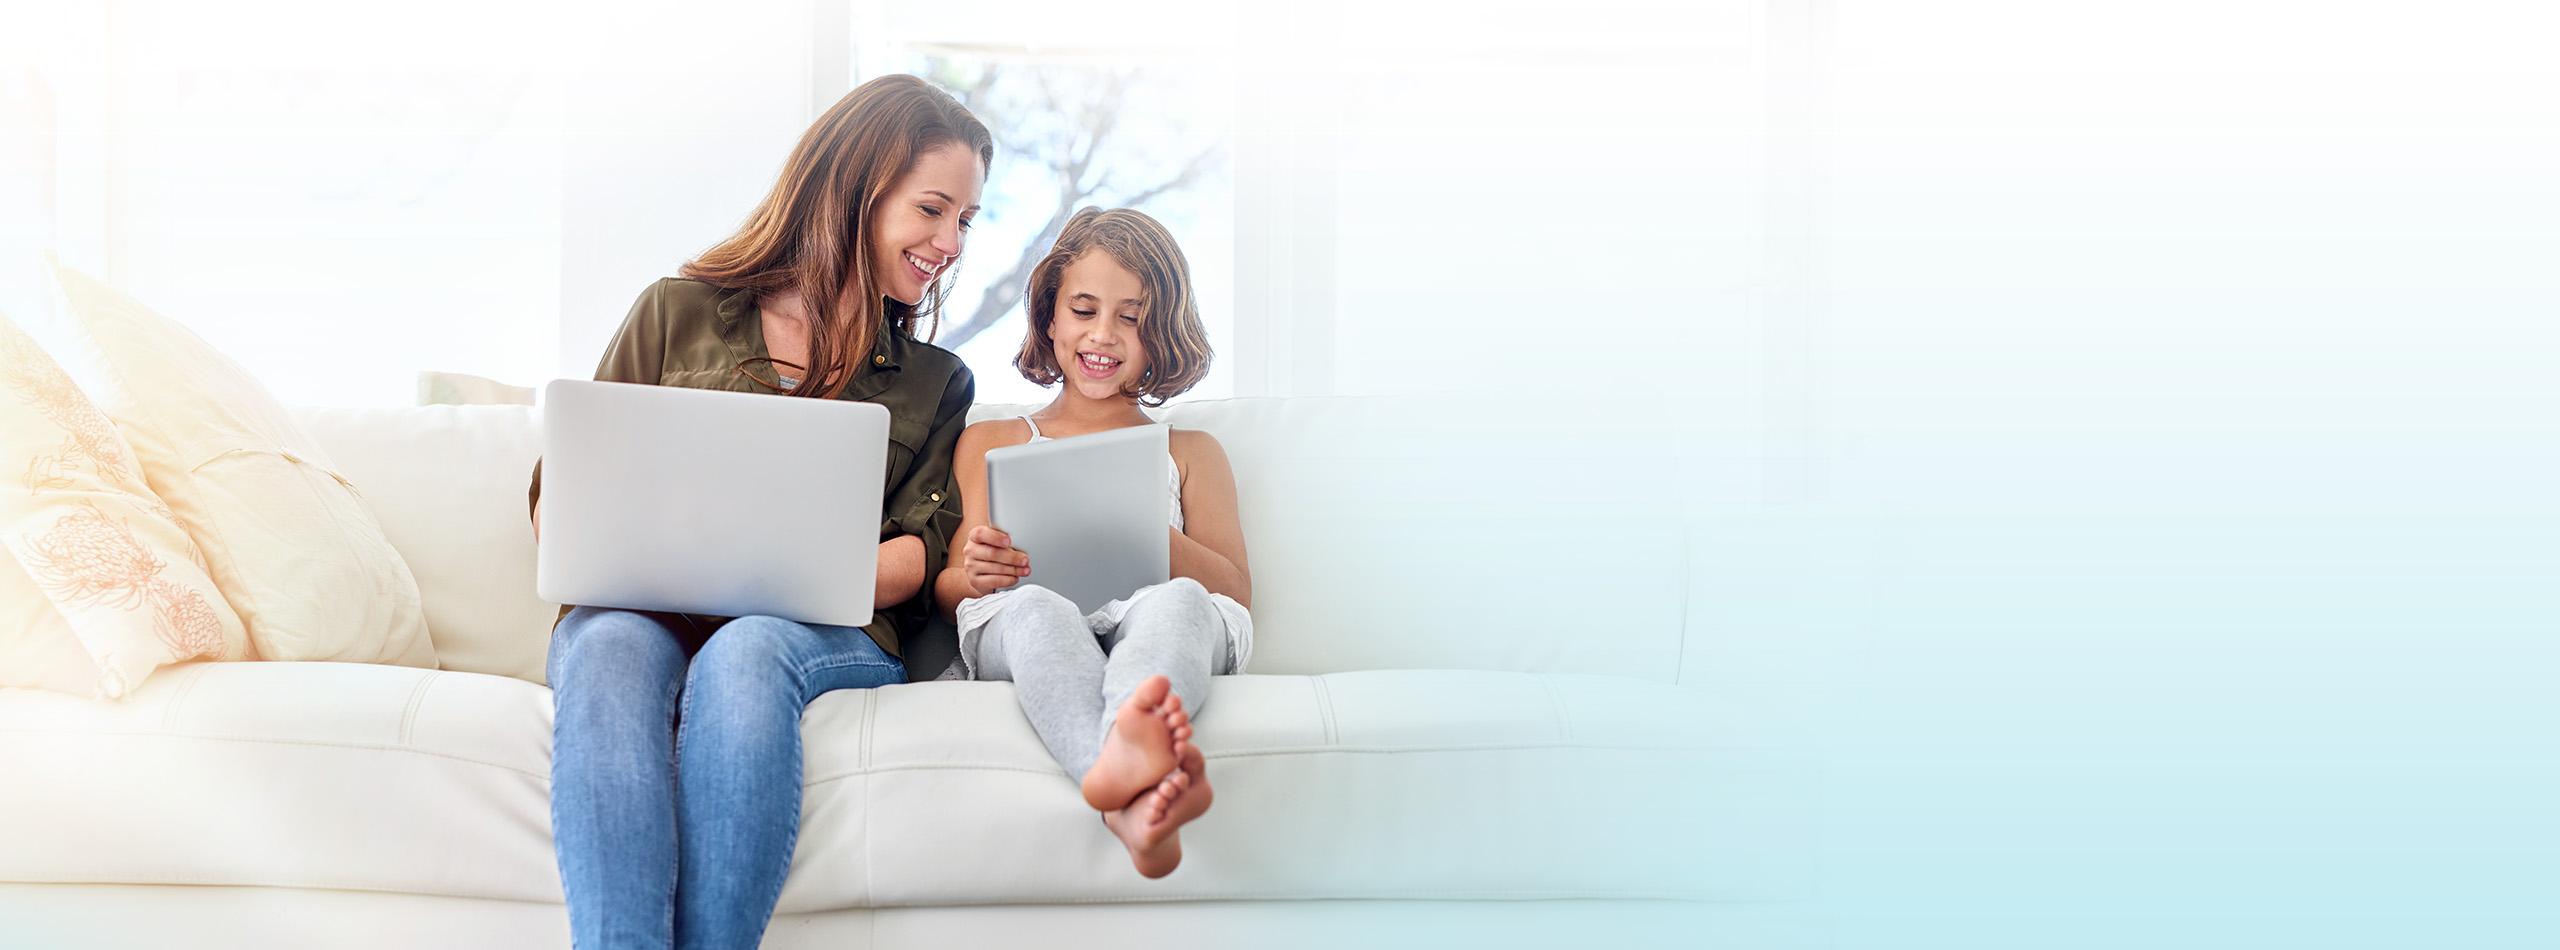 Êtes vous exposé aux ondes électromagnétiques dans votre habitation ?